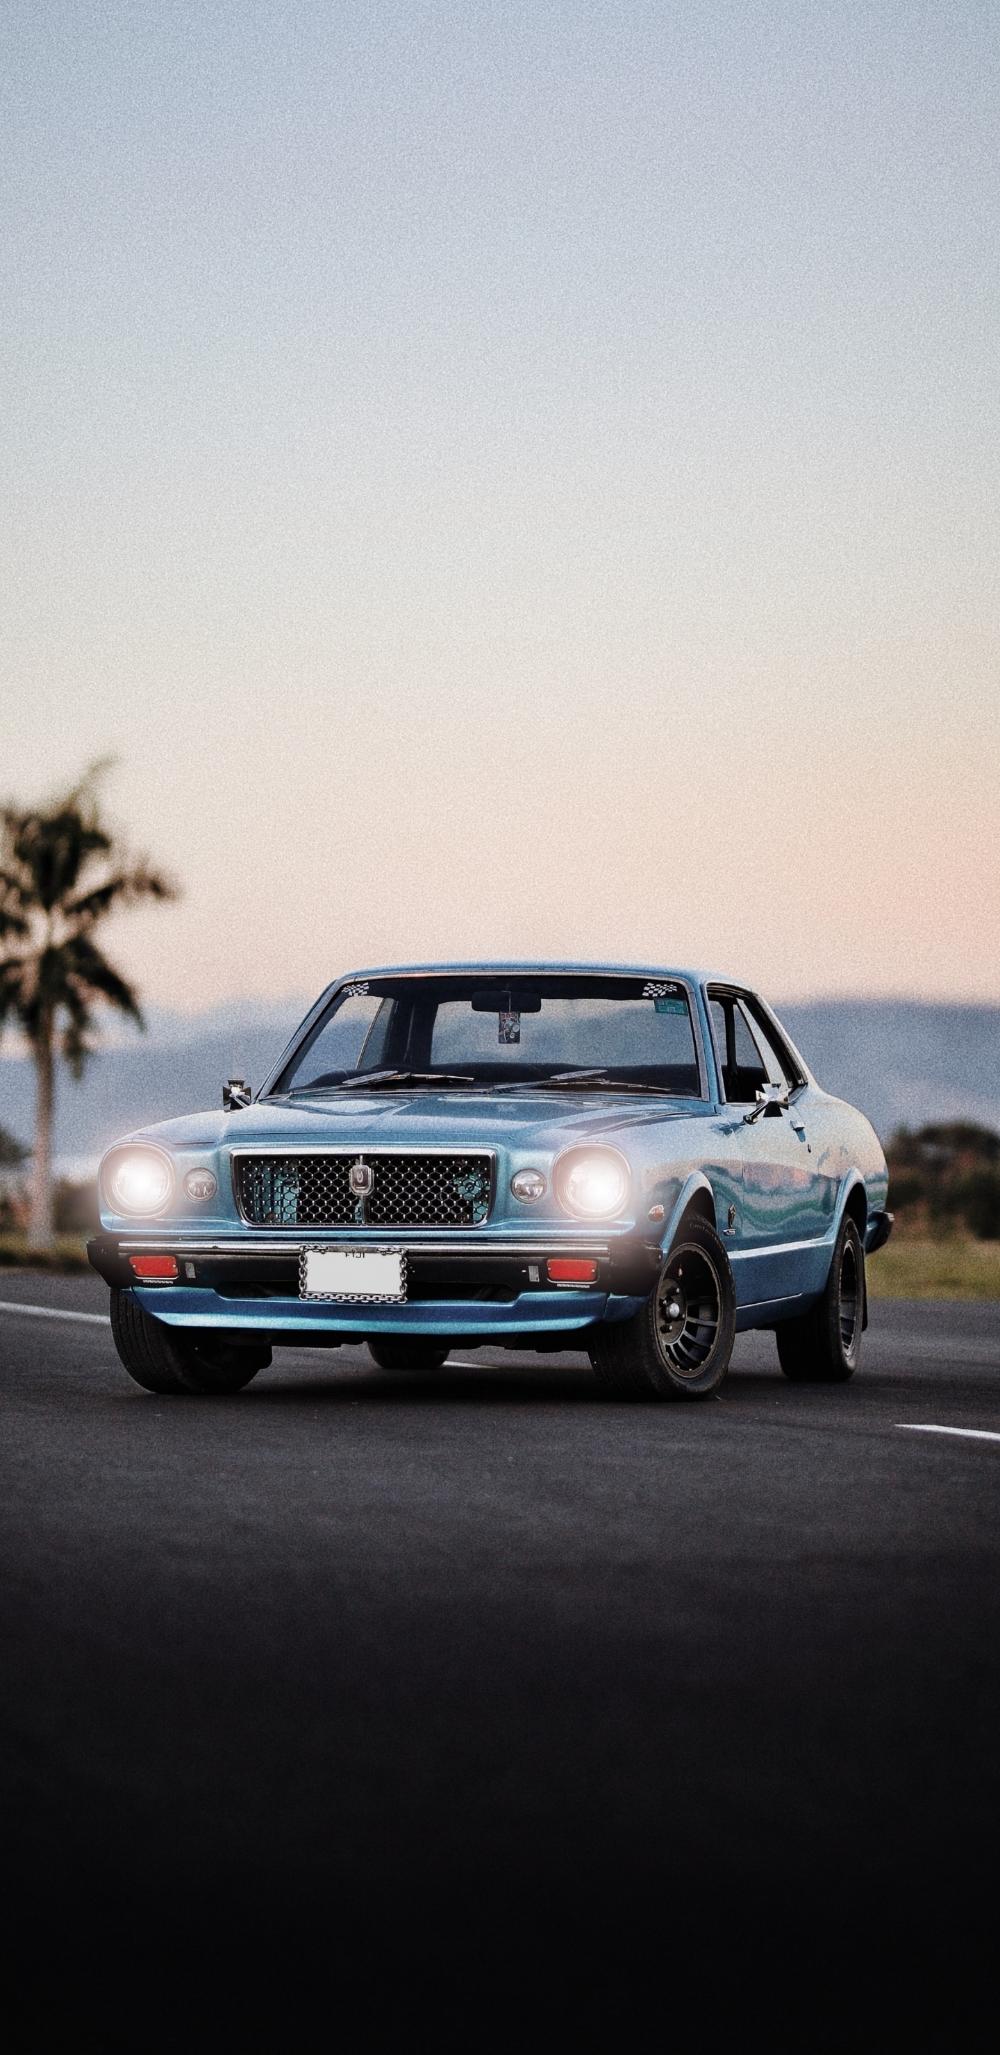 1440×2960 Blue, classic car wallpaper